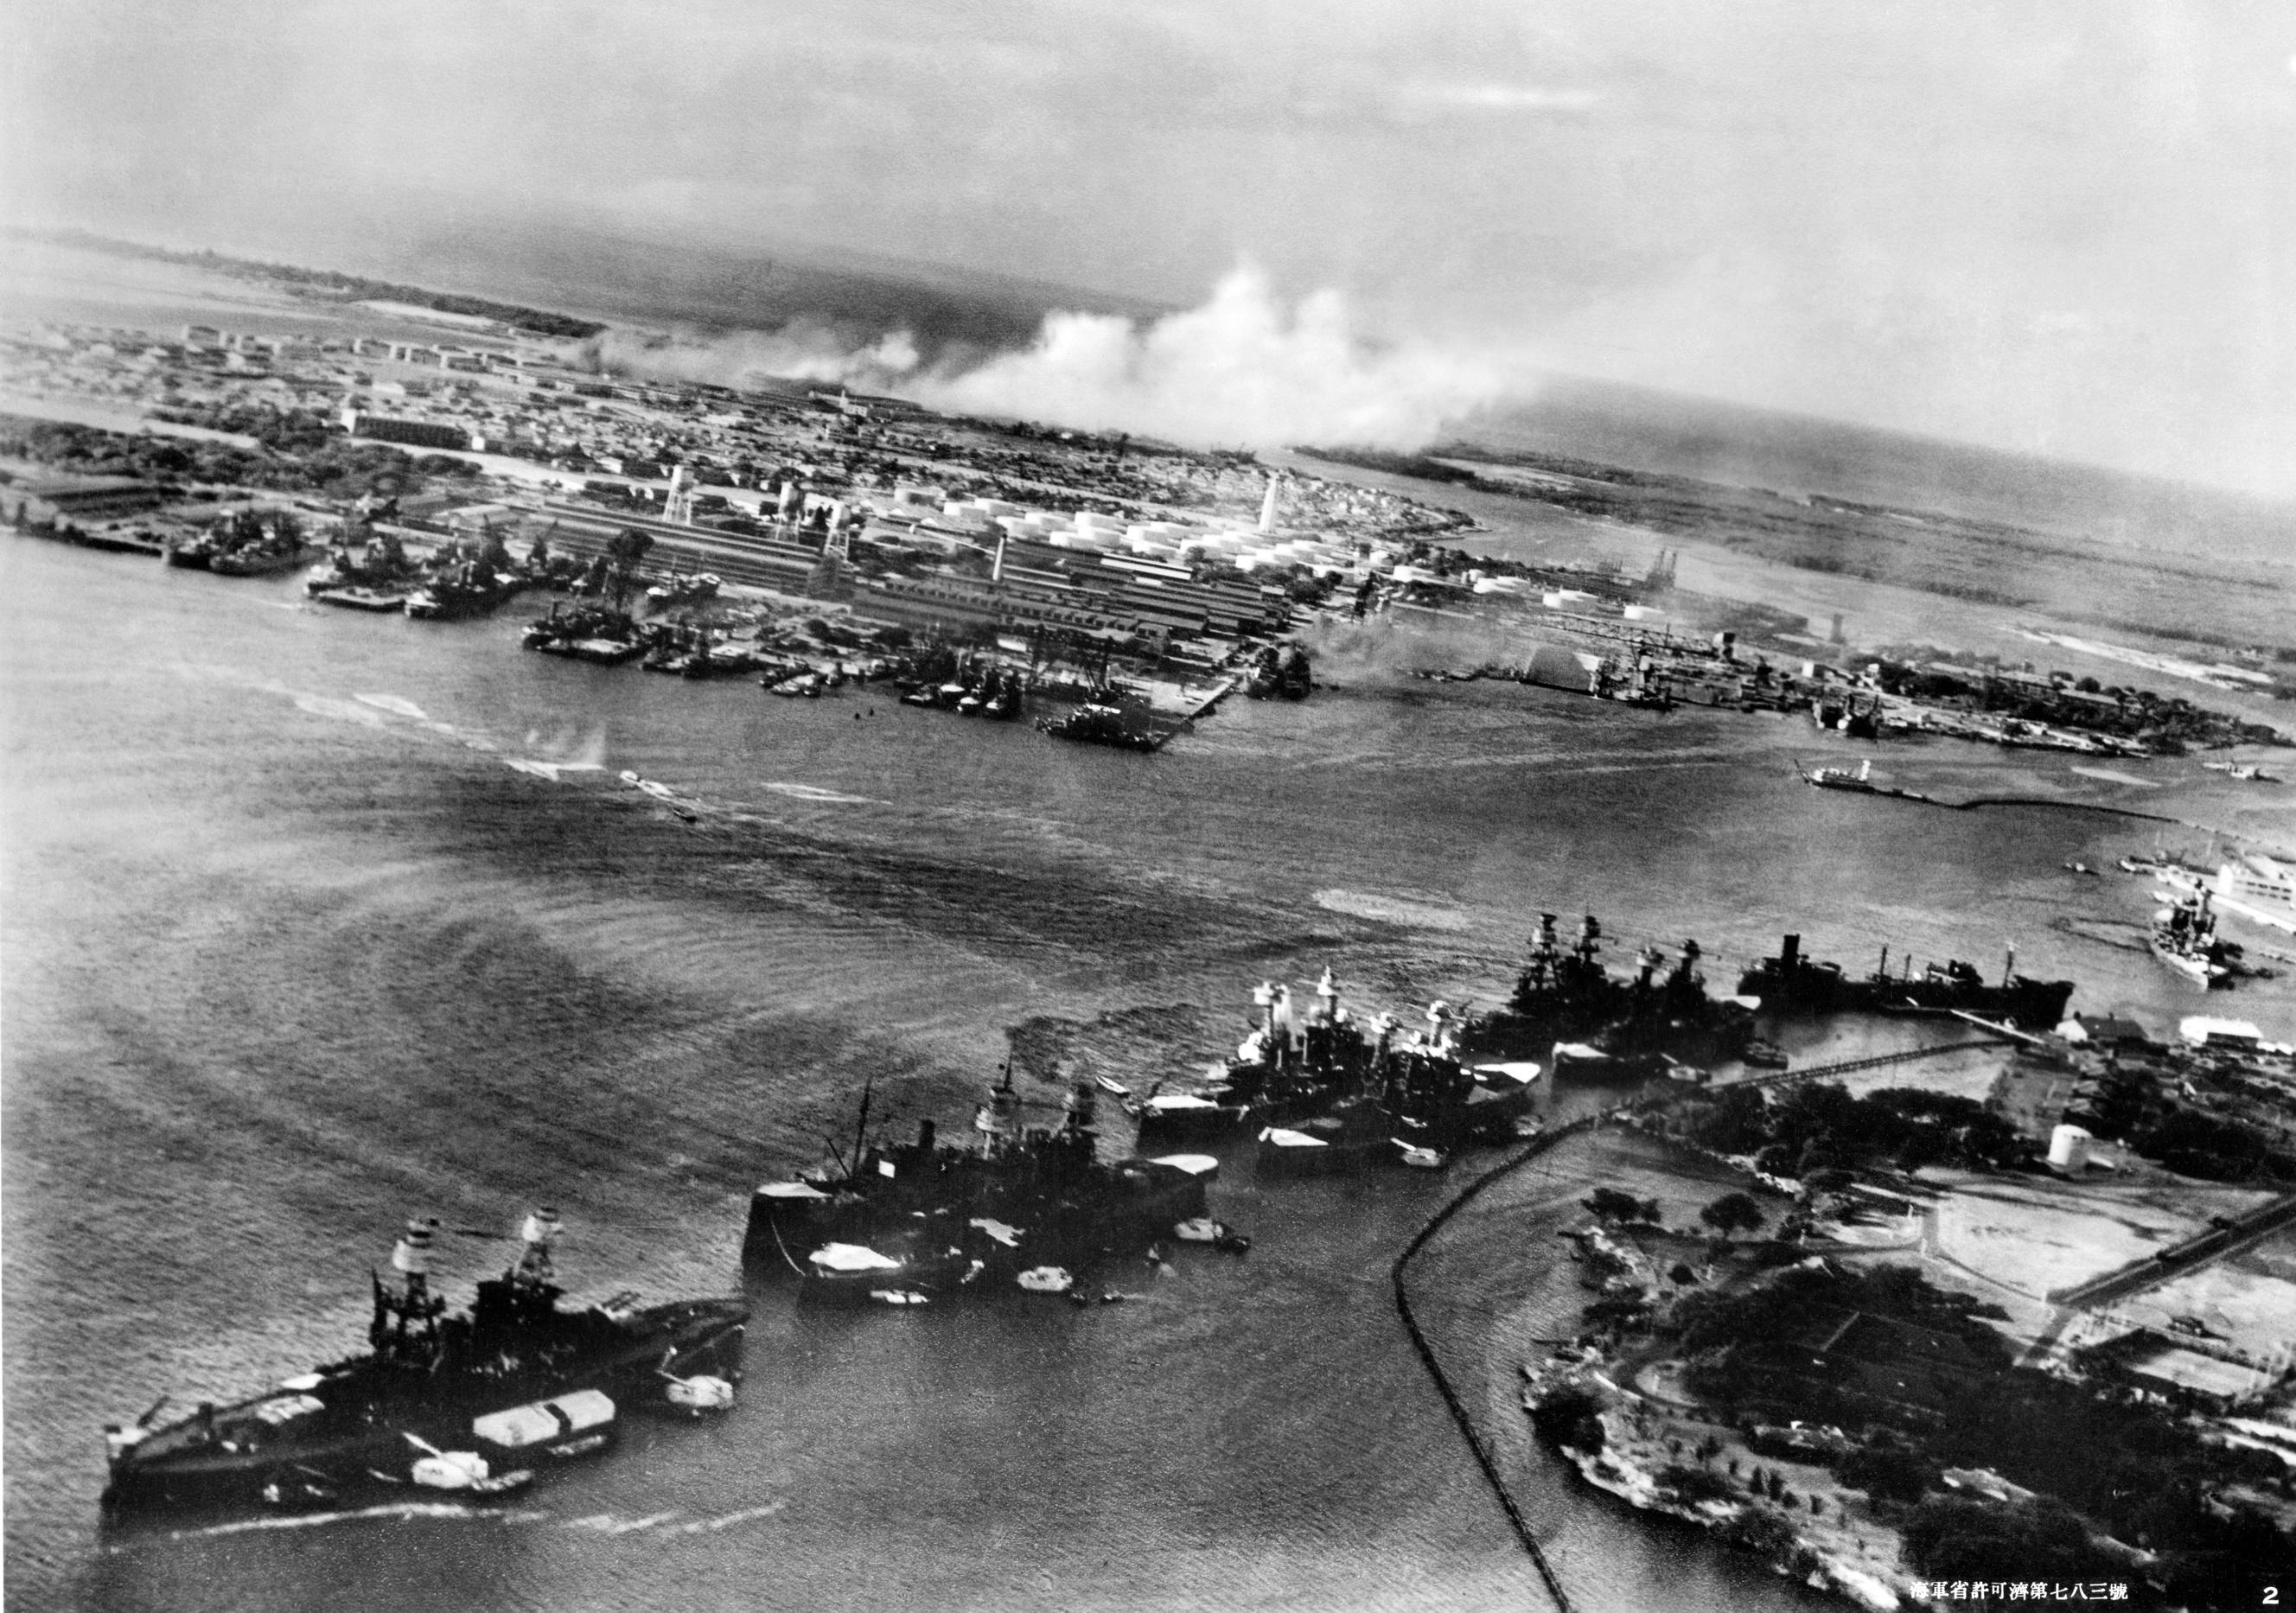 A támadás első percei. Érdemes erőltetni a szemünket, az öböl közepén, ahol a torpedók tajtékcsíkjai kezdődnek, néhány szakértő egy japán törpe tengeralattjáró parancsnoki tornyát véli felfedezni. Ha igazuk van, az Oklahomát ért torpedótalálatok közül egy vagy kettő tőle származhatott.